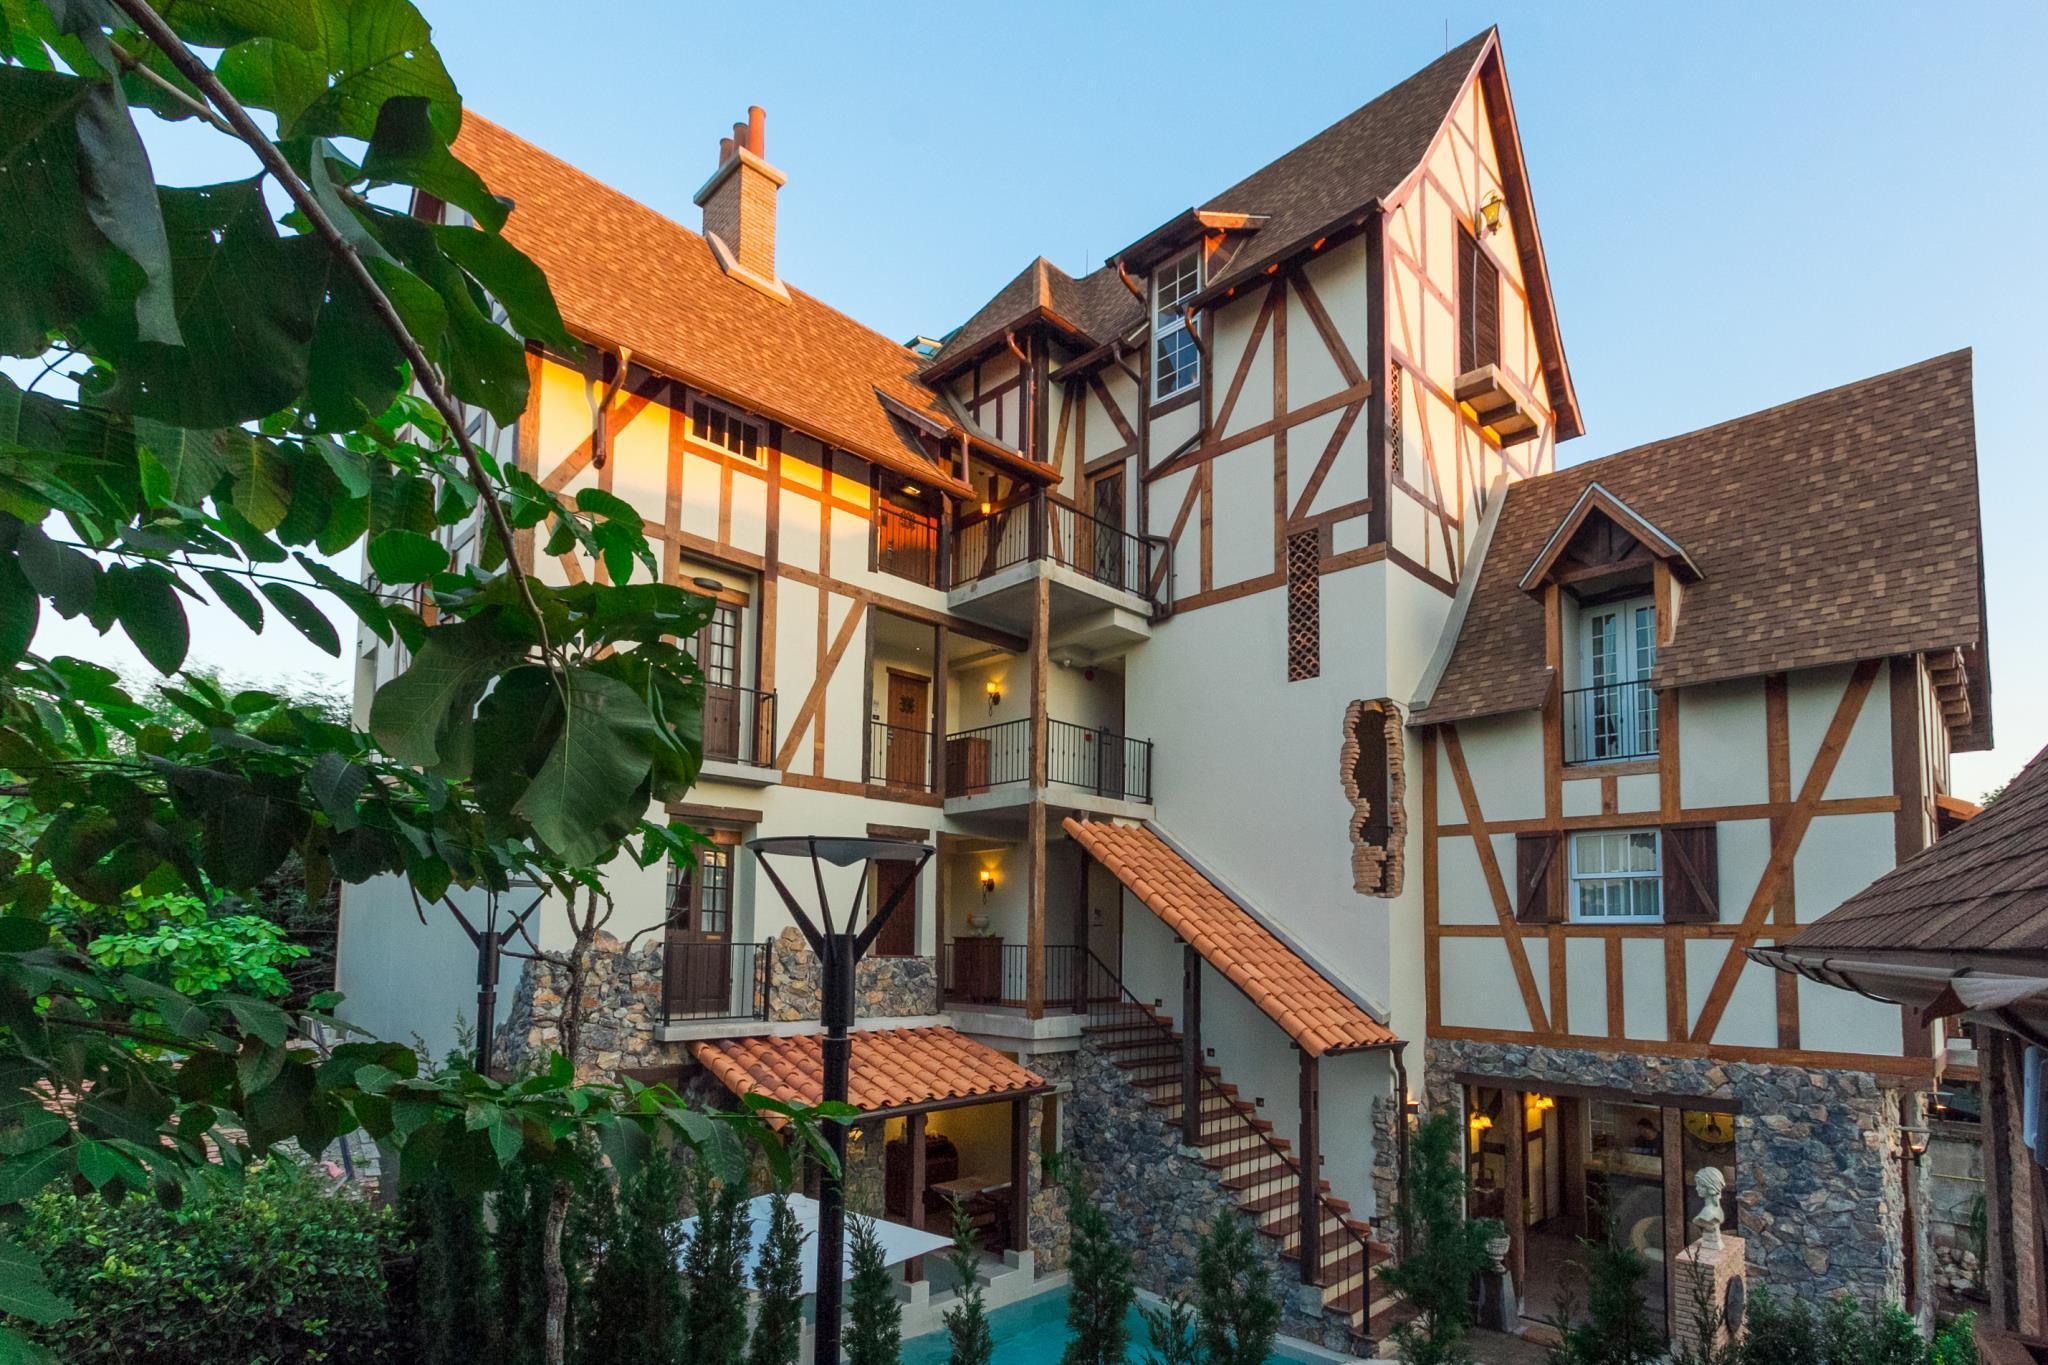 โรงแรมเลอ ชาร์โคล